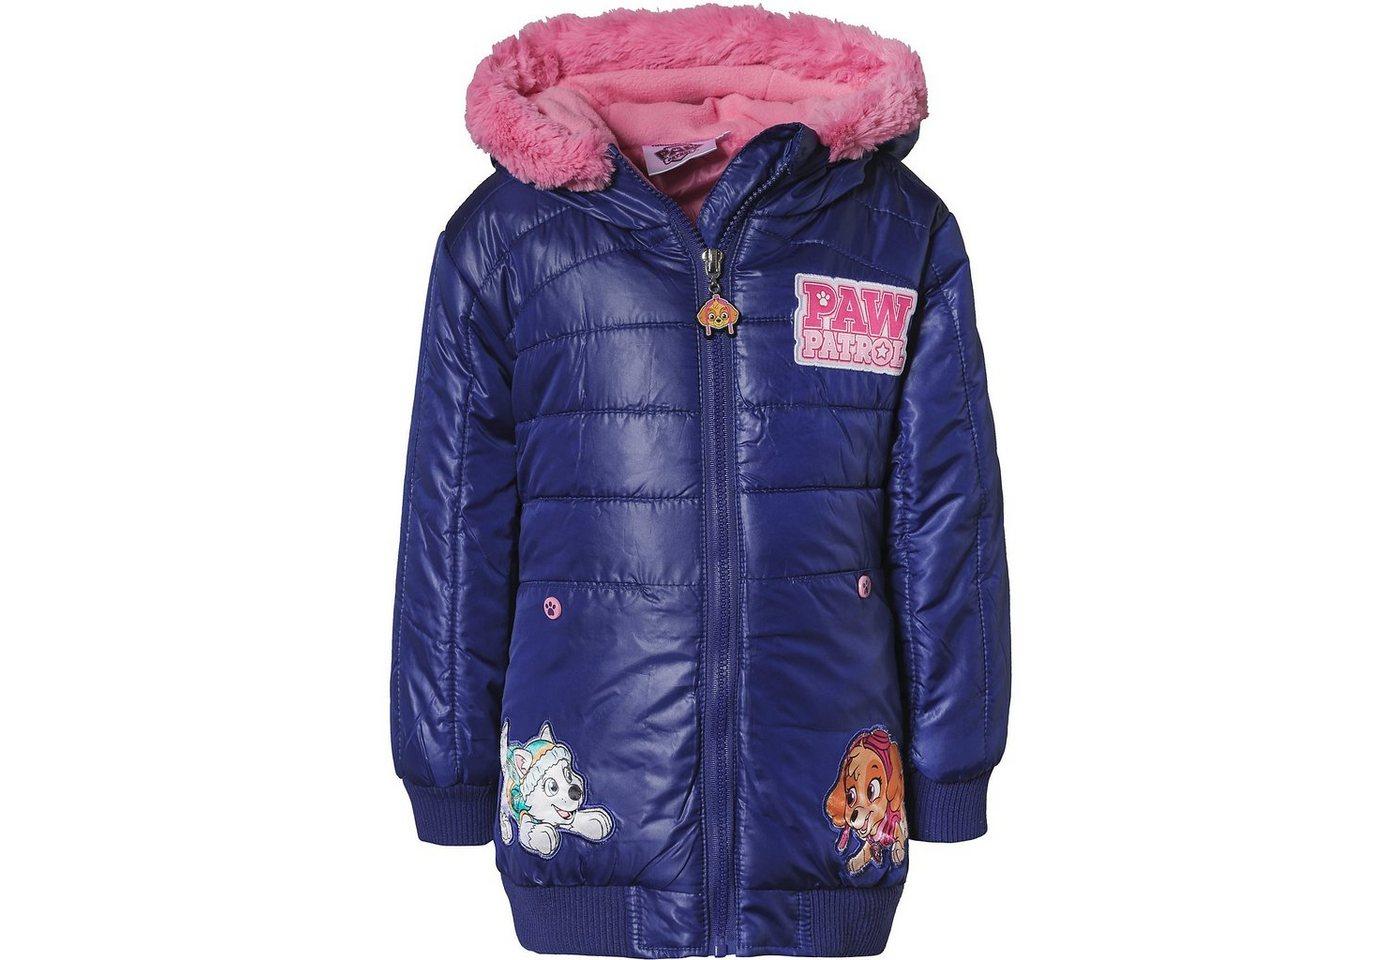 Damen,  Mädchen,  Kinder PAW Patrol Winterjacke mit Kapuze für Mädchen rosa | 03609083016785